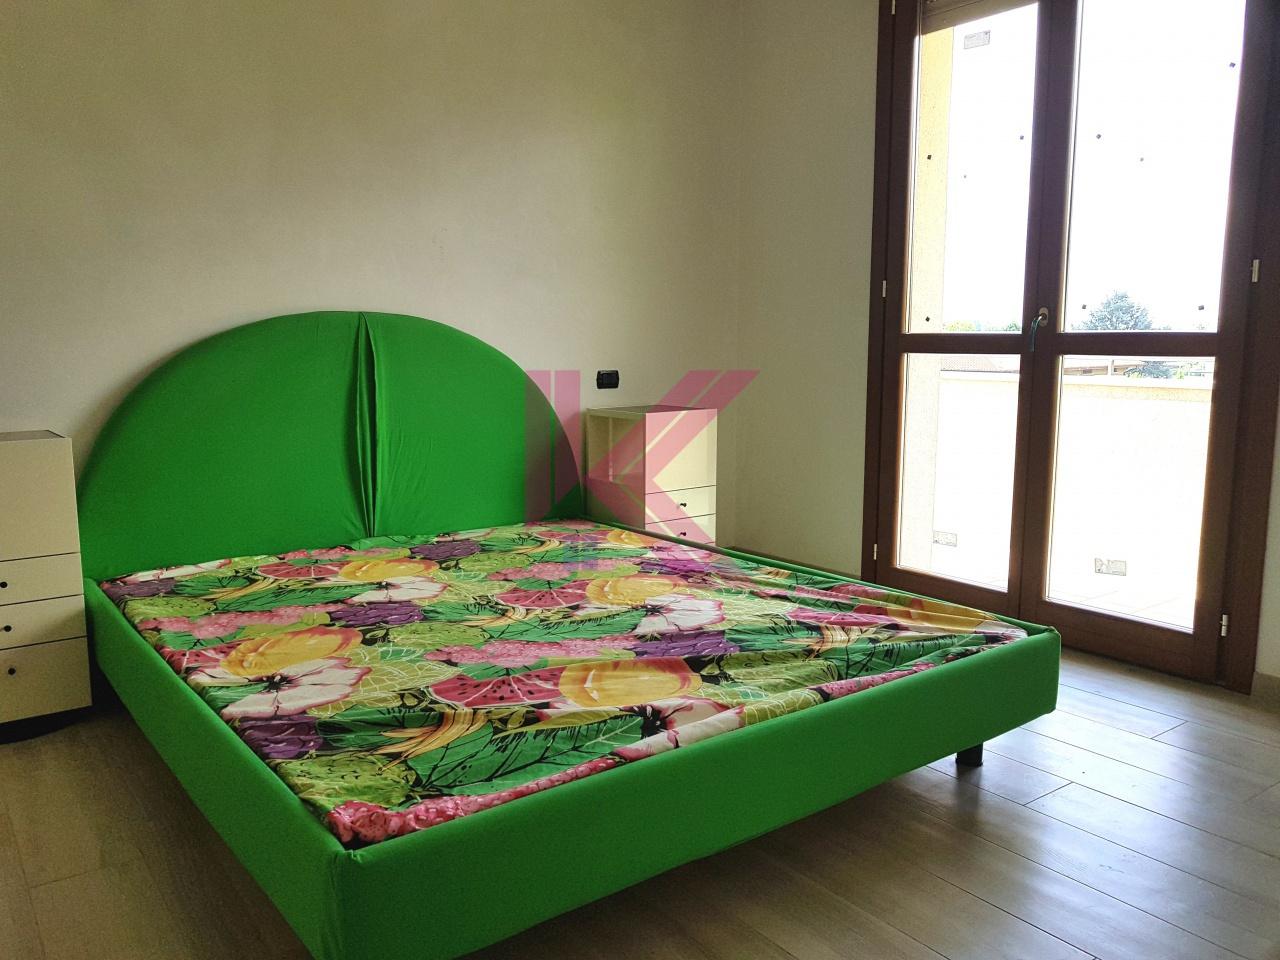 Appartamento MARIANO COMENSE NUOVICLASSEATRIMARC